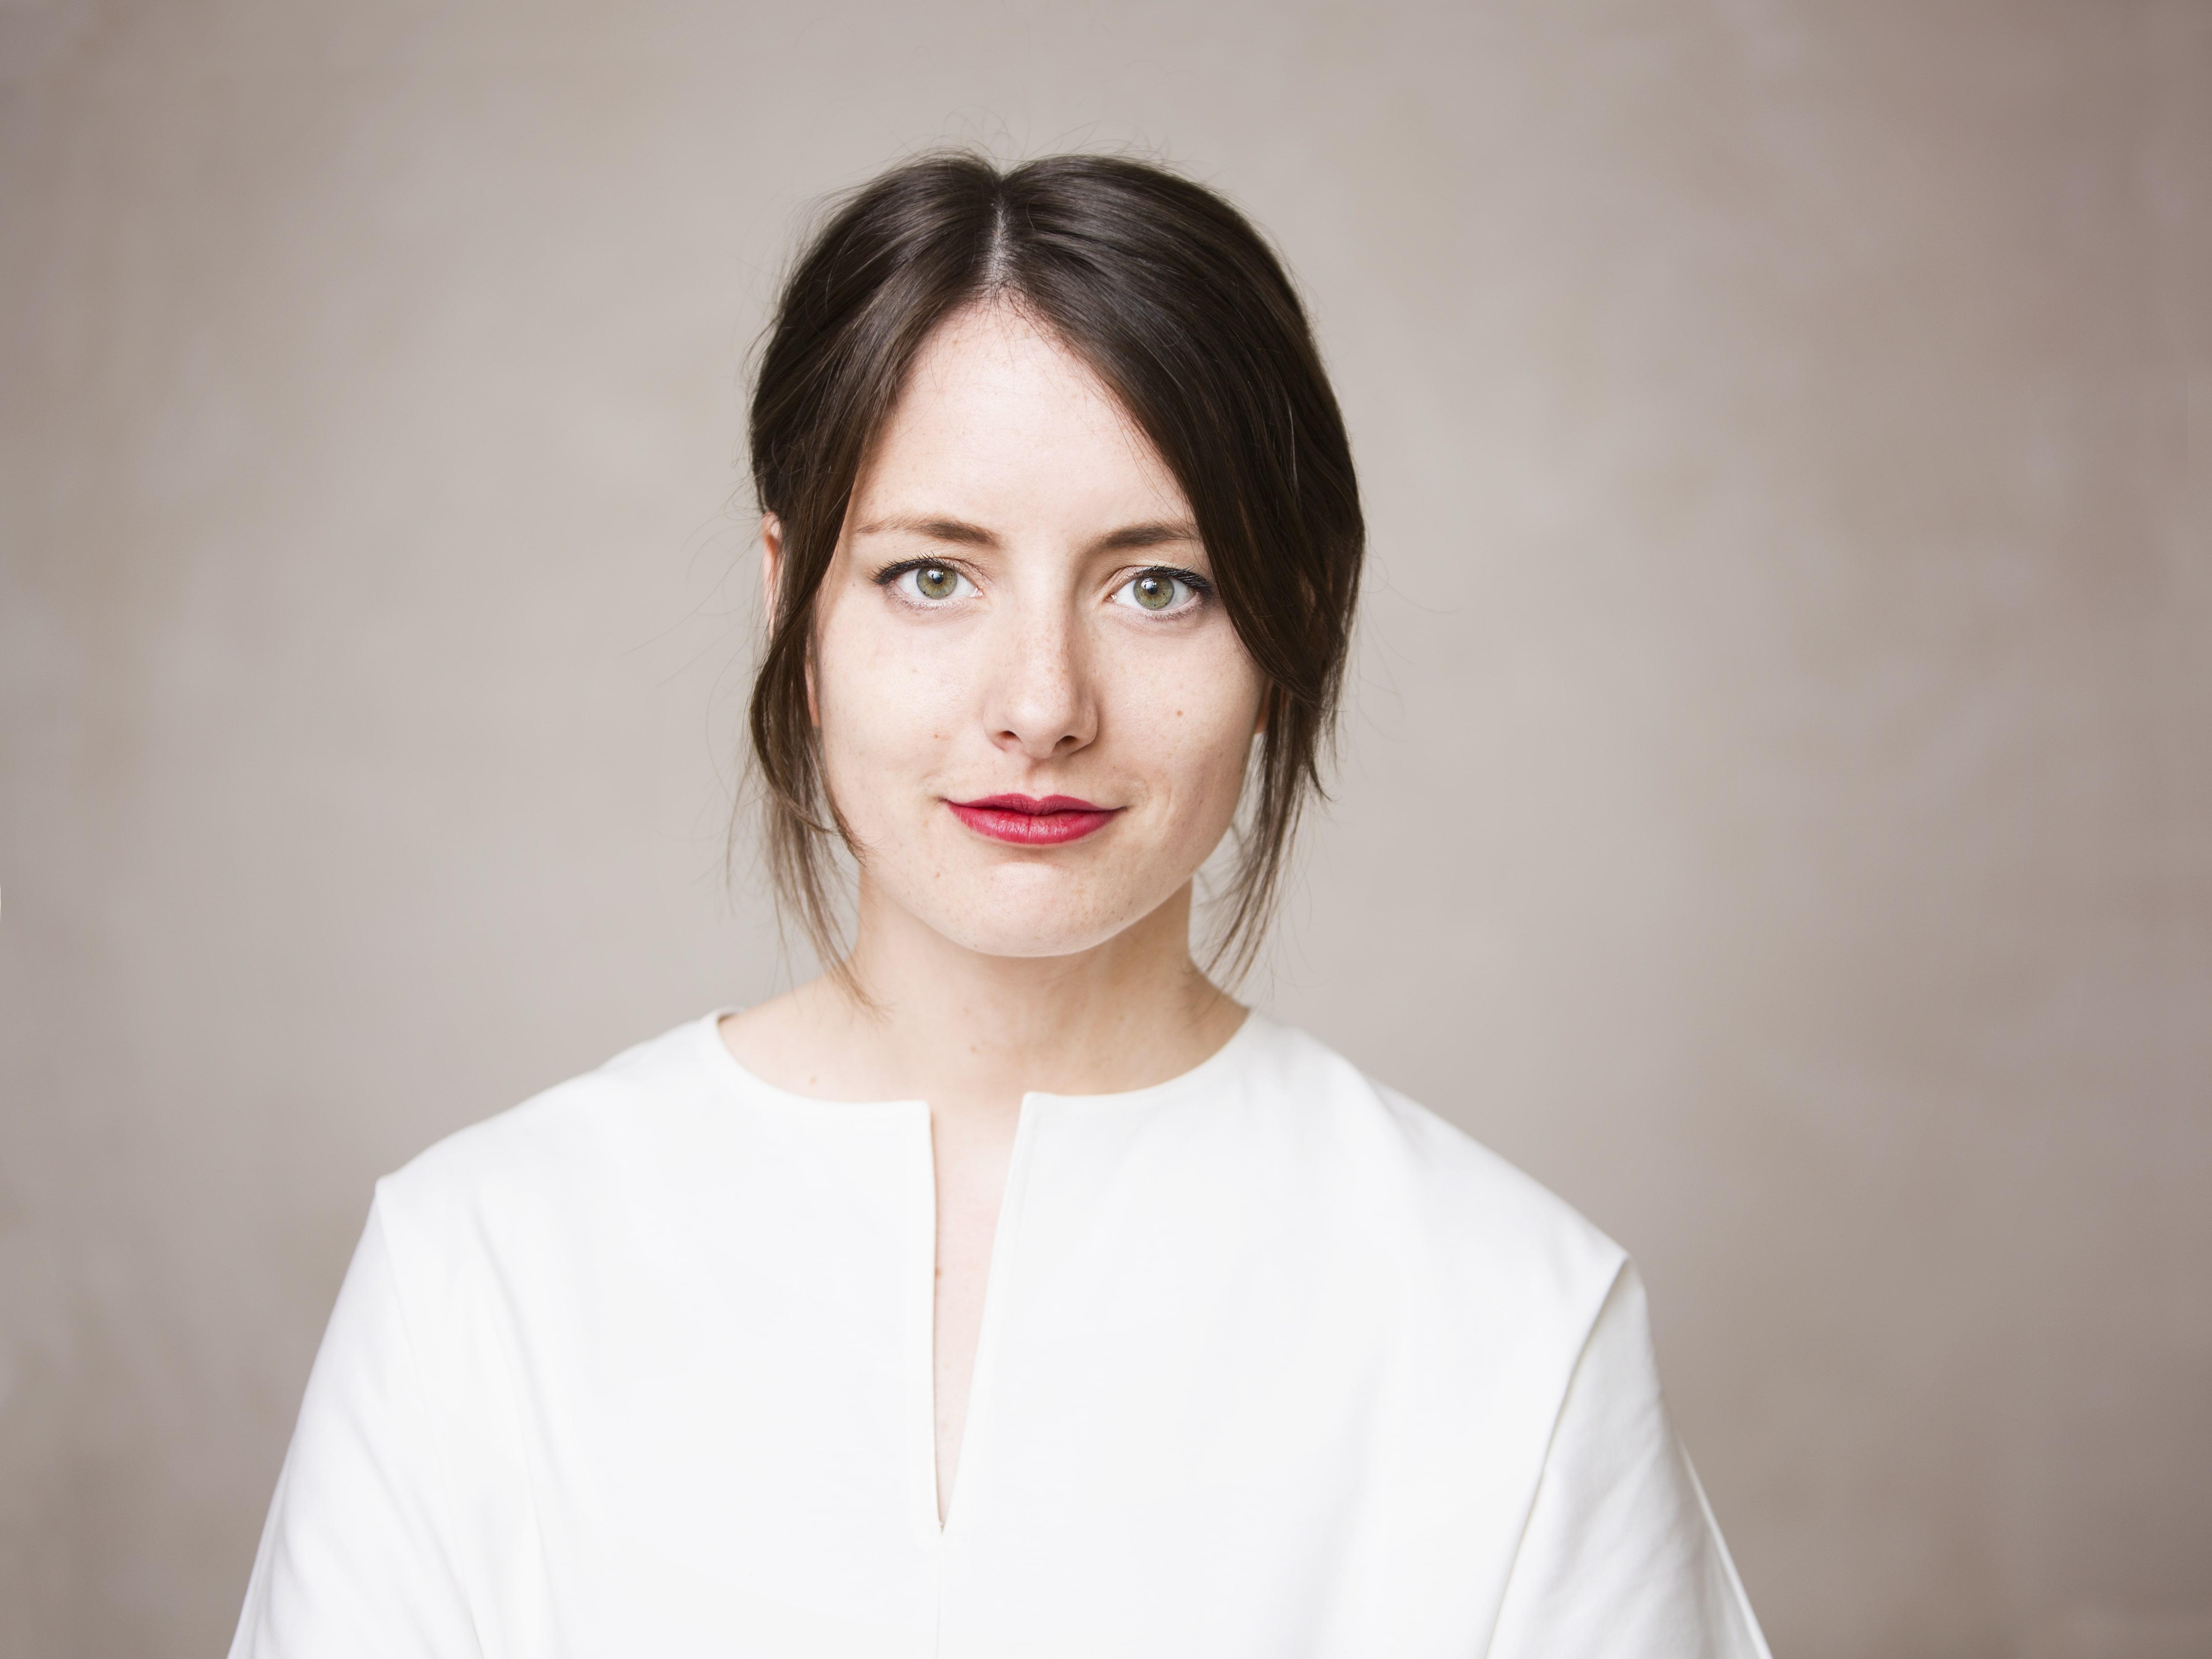 Janina Mütz Mitgründerin und Geschäftsführerin von Civey